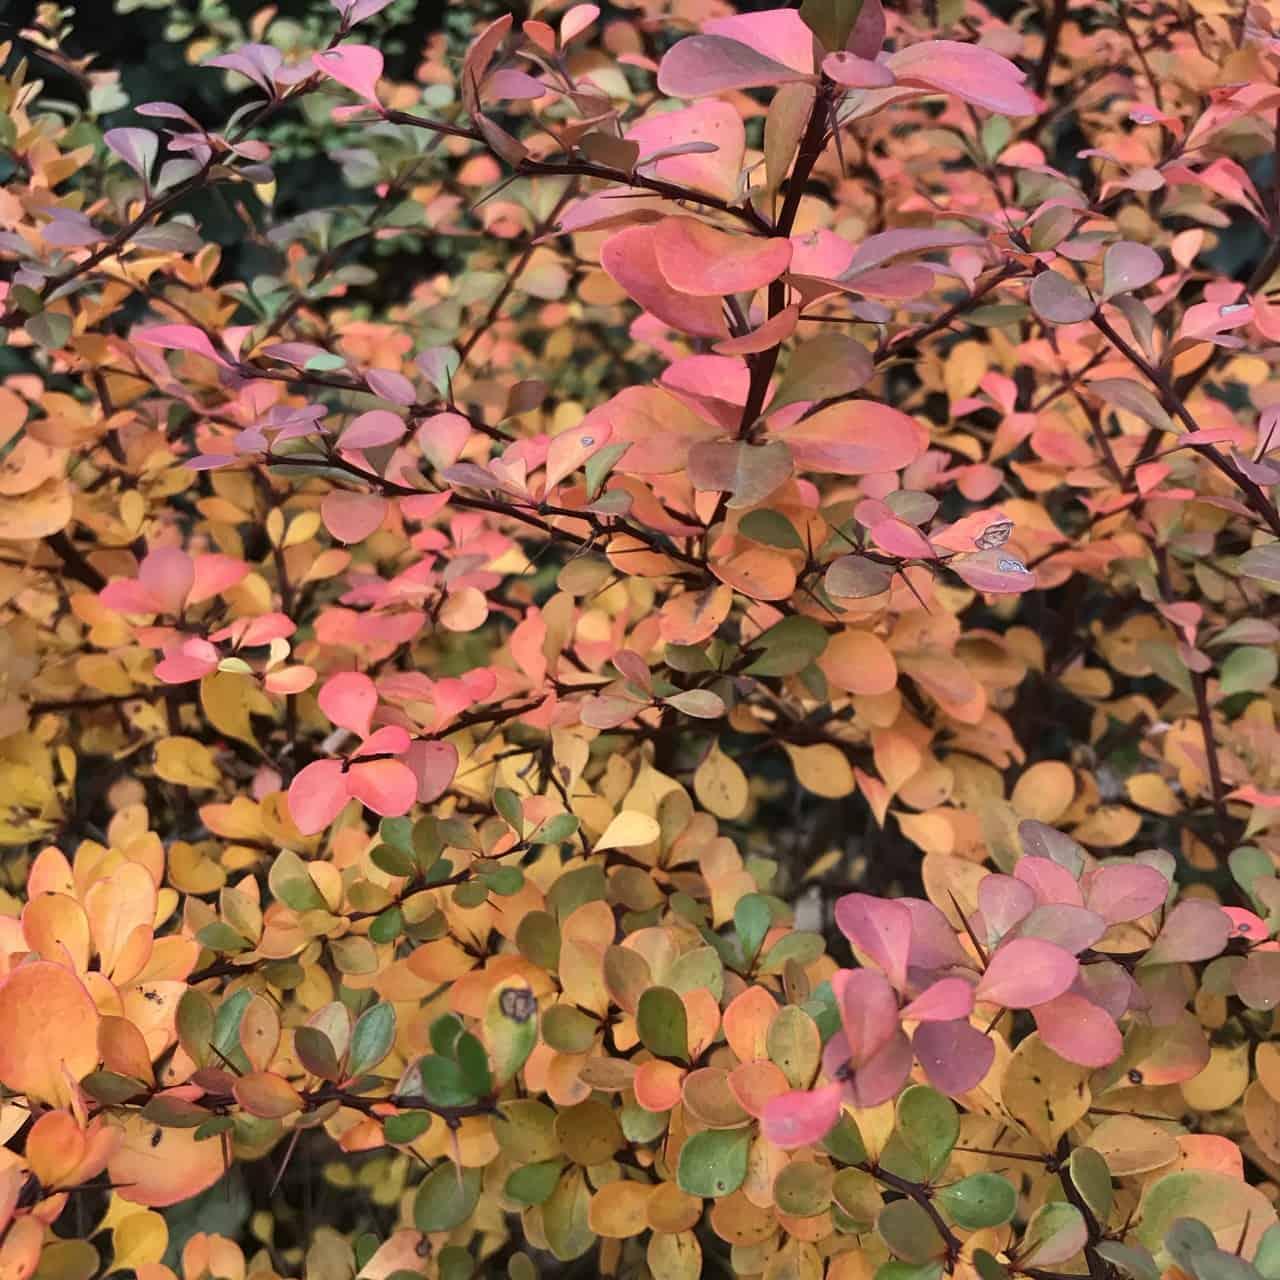 Herbstbusch (Bild: Martina Schäfer, Textrakt)